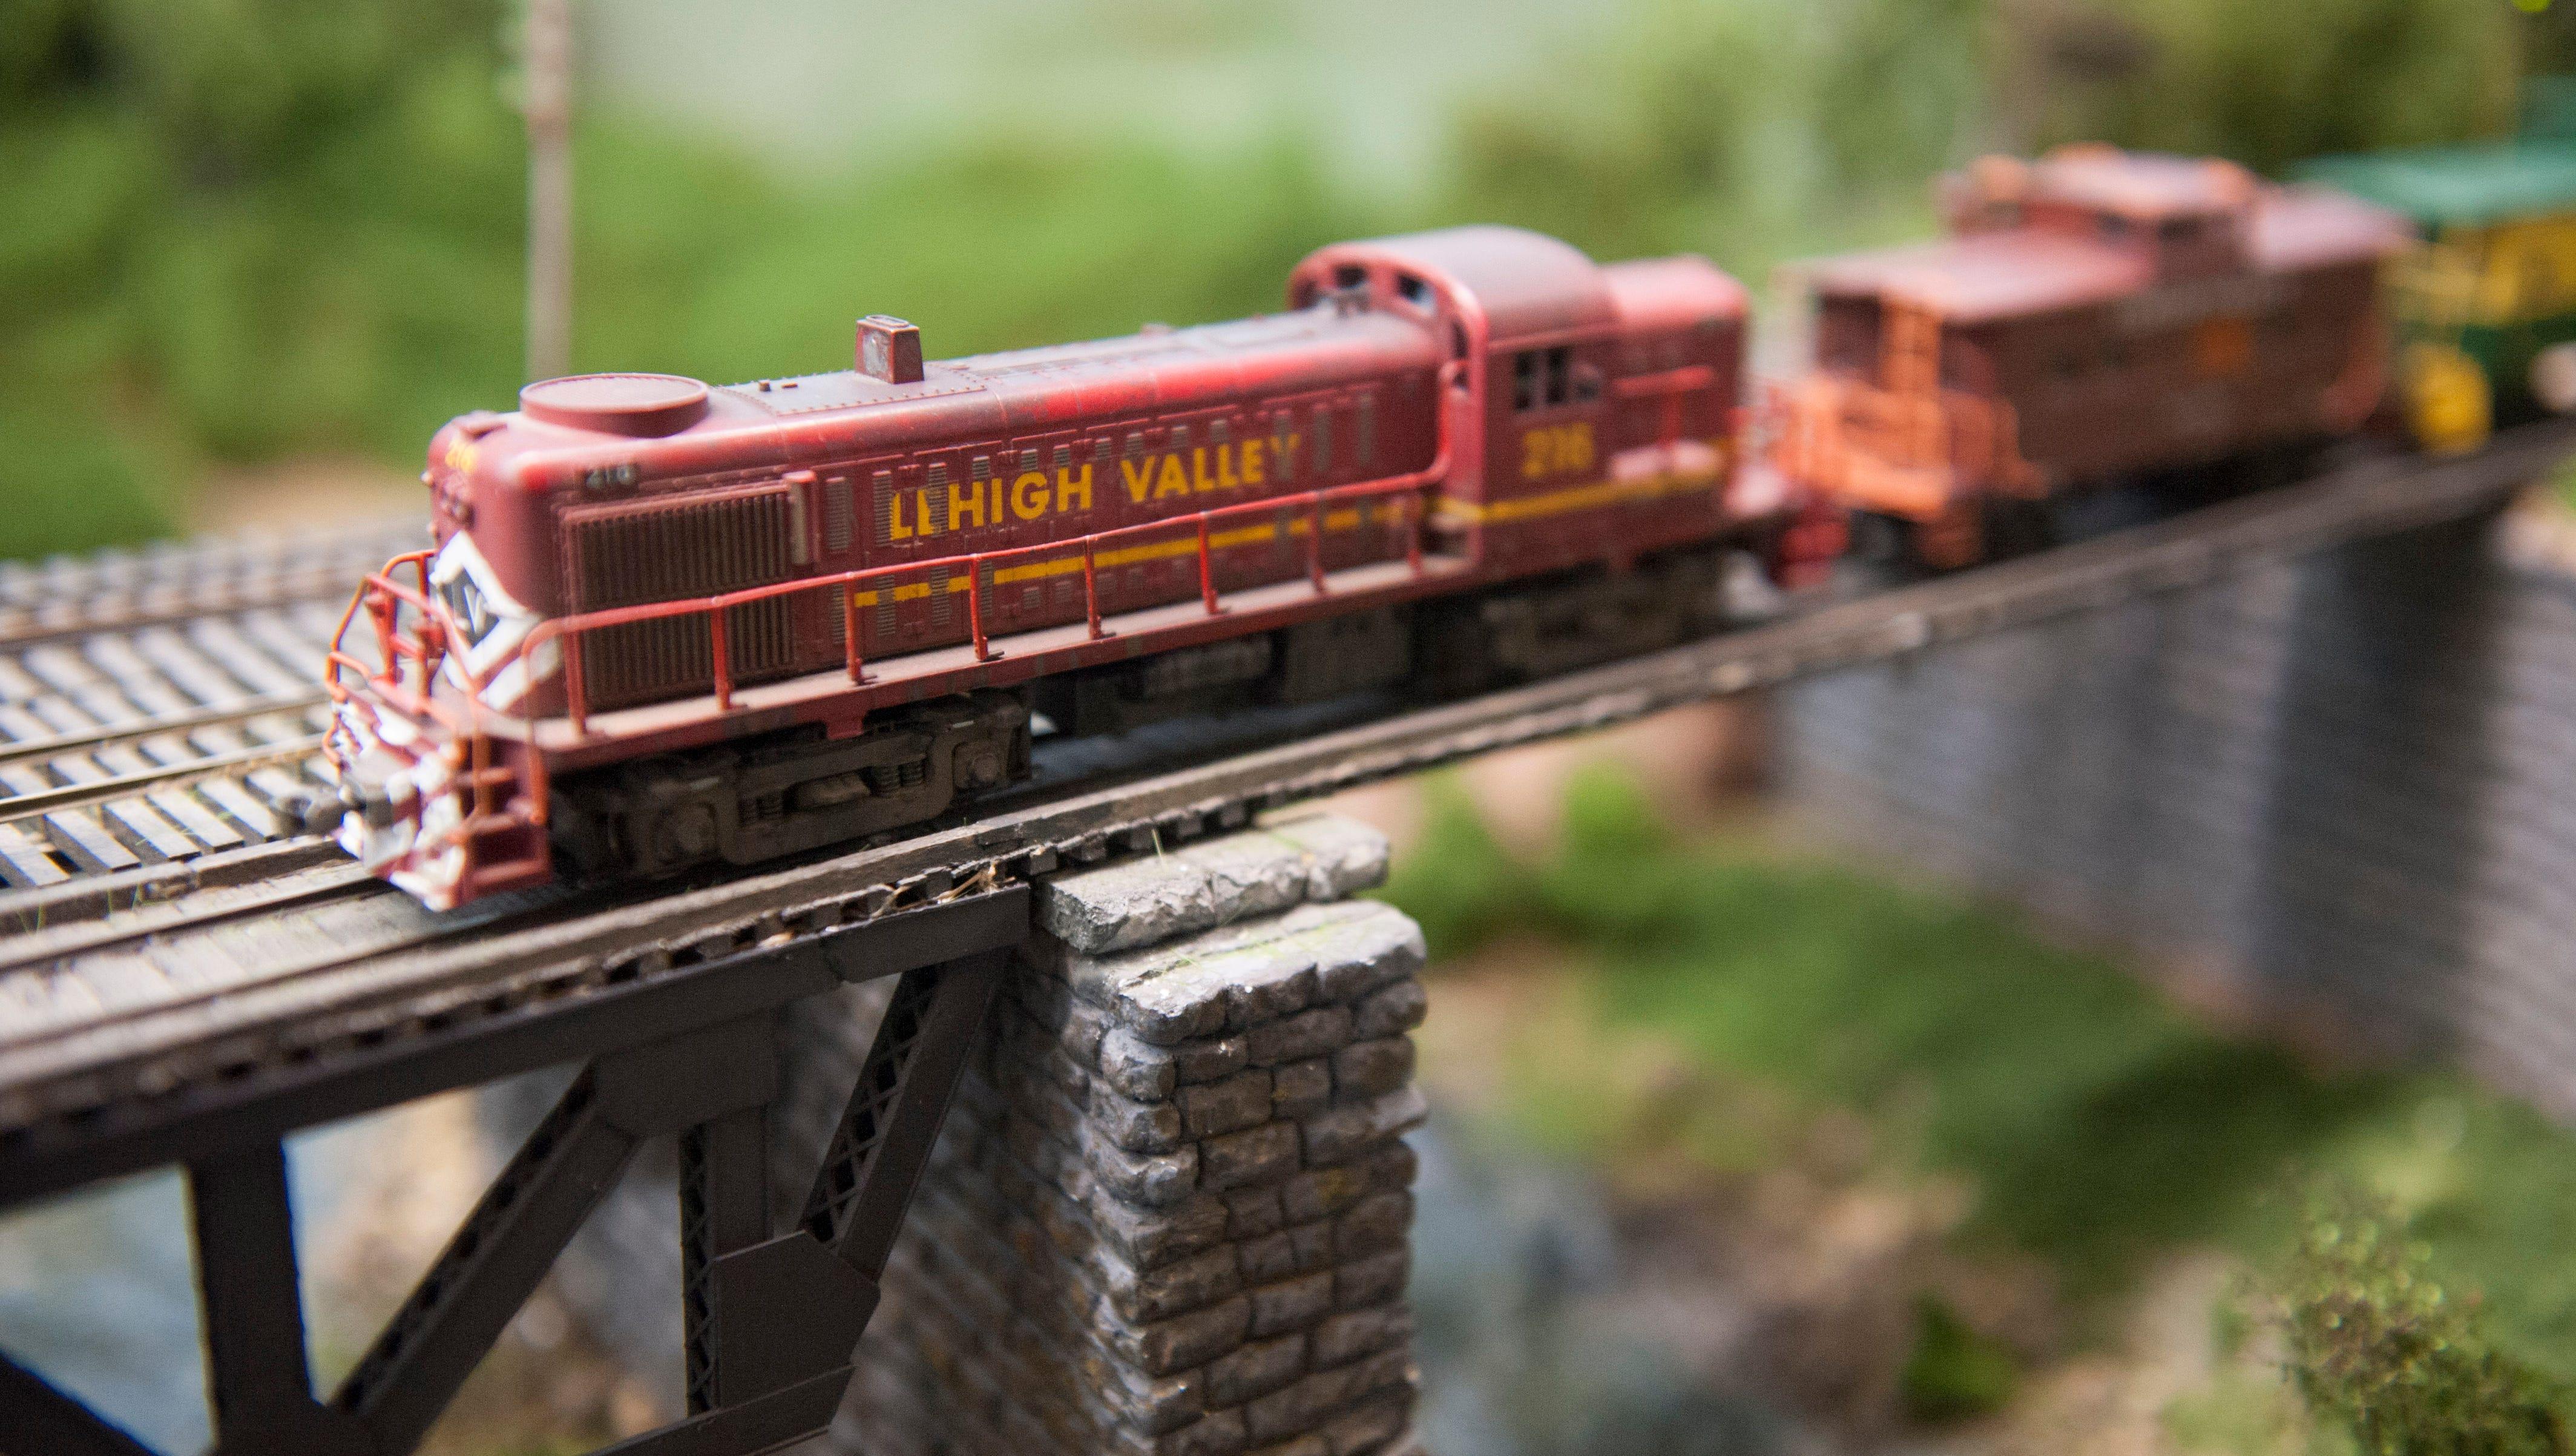 Model Railroads Show History In Small Scale